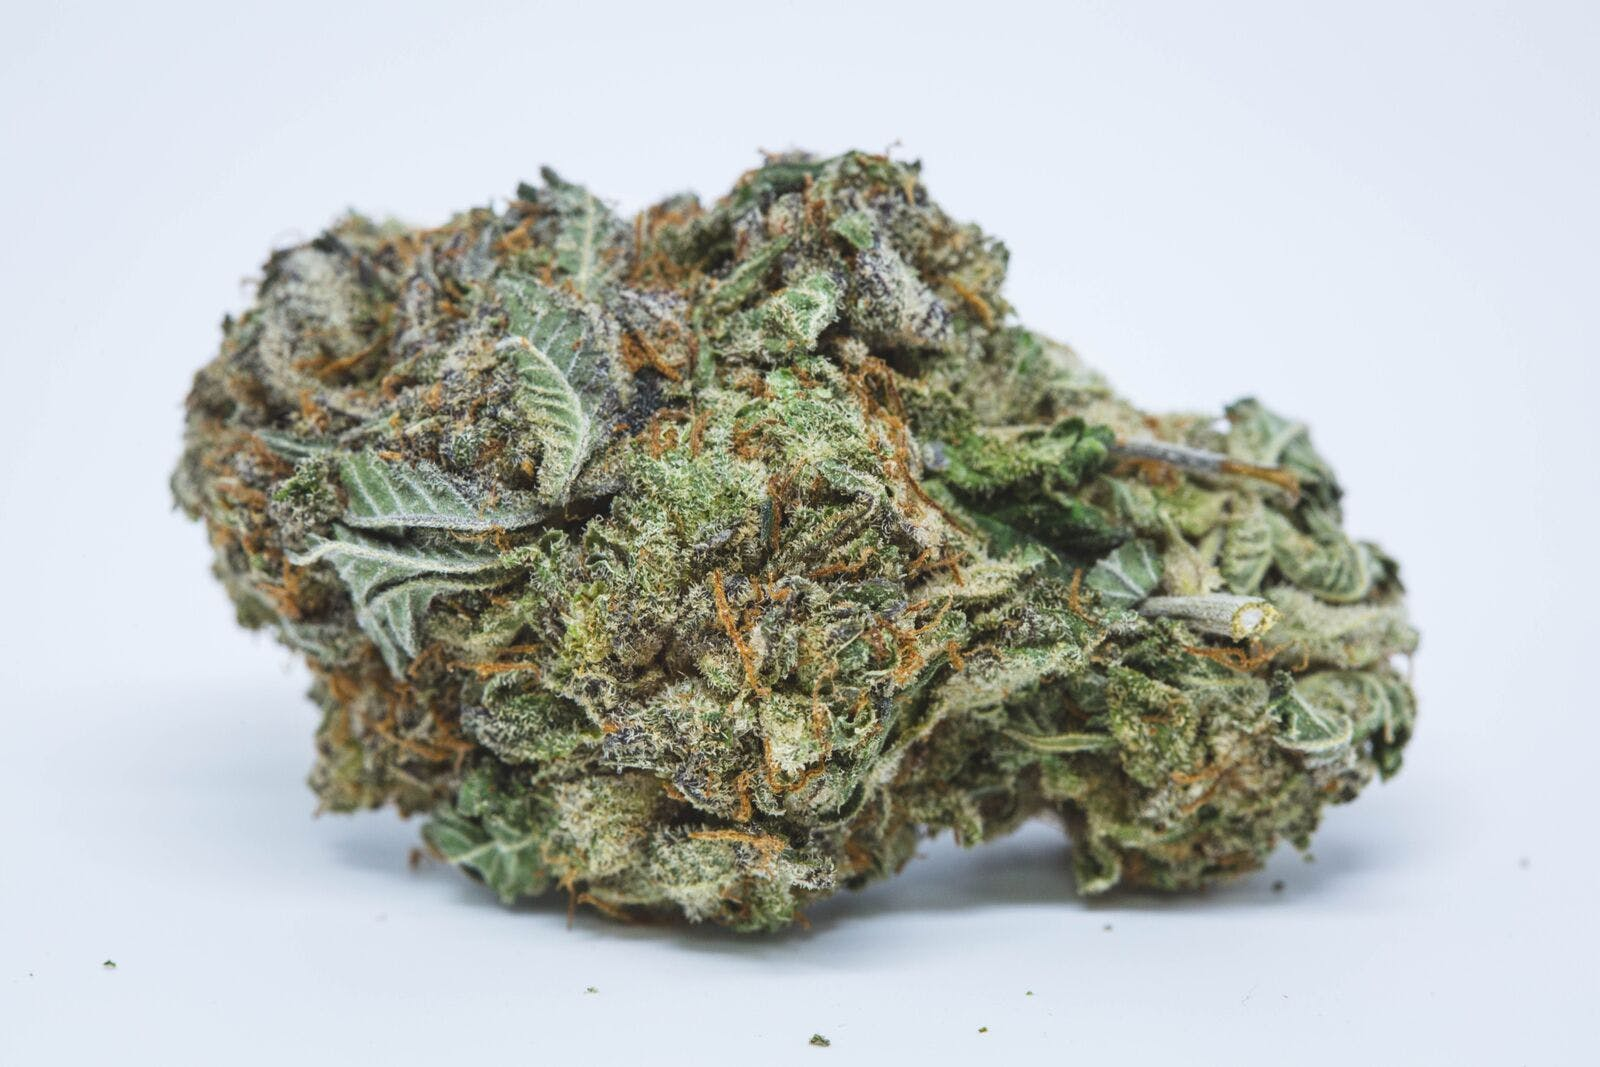 Platinum Purple Kush Weed; Platinum Purple Kush Cannabis Strain; Platinum Purple Kush Indica Marijuana Strain